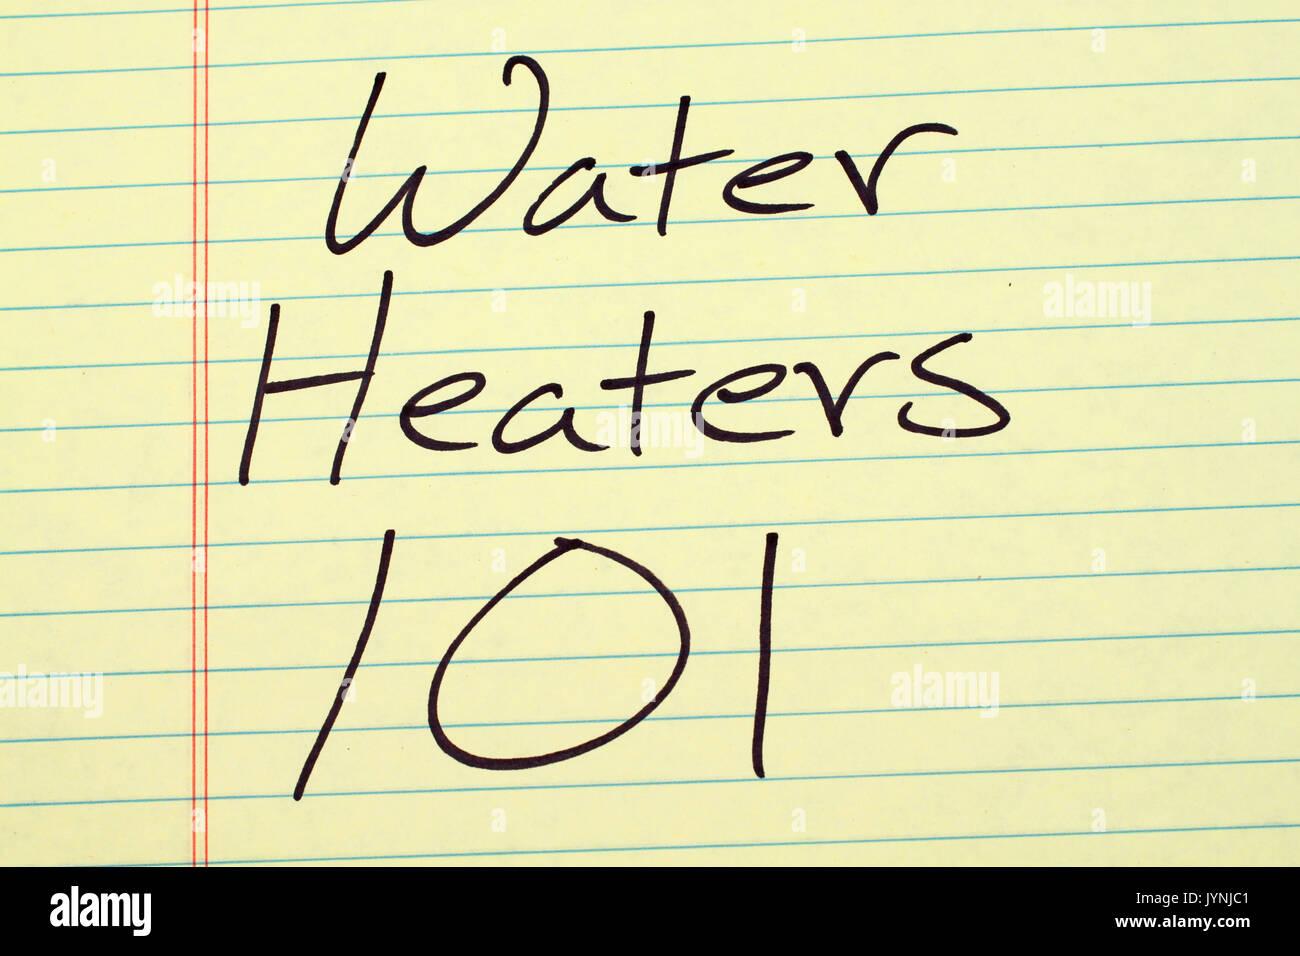 Les mots '101' chauffe-eau sur un tampon juridique jaune Photo Stock